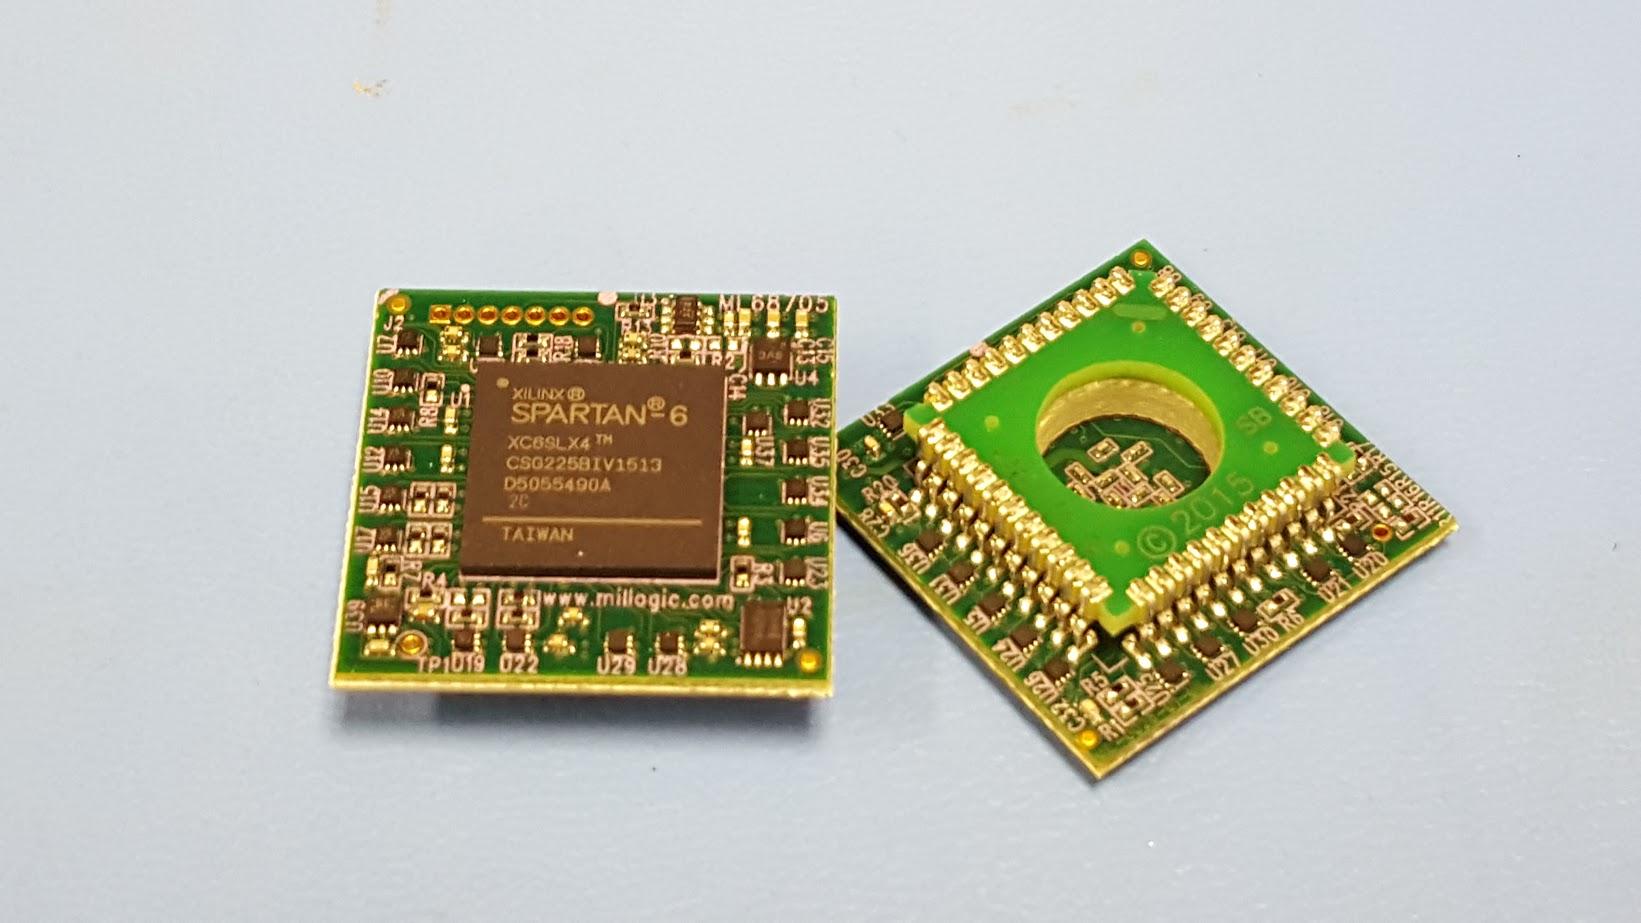 ML68705-EM-PL44 : 68705 pin compatible emulator